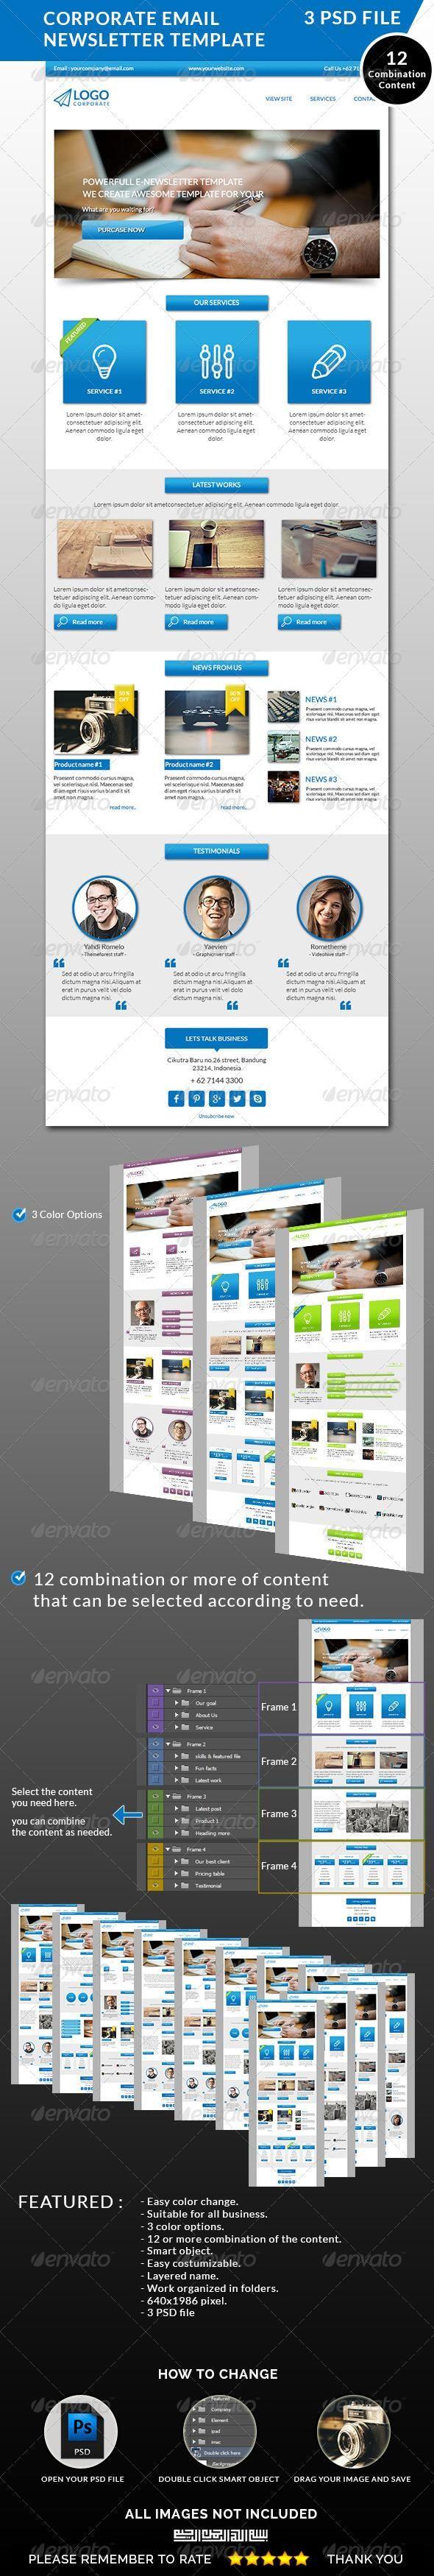 7 best Newsletter Format images on Pinterest | Newsletter format ...